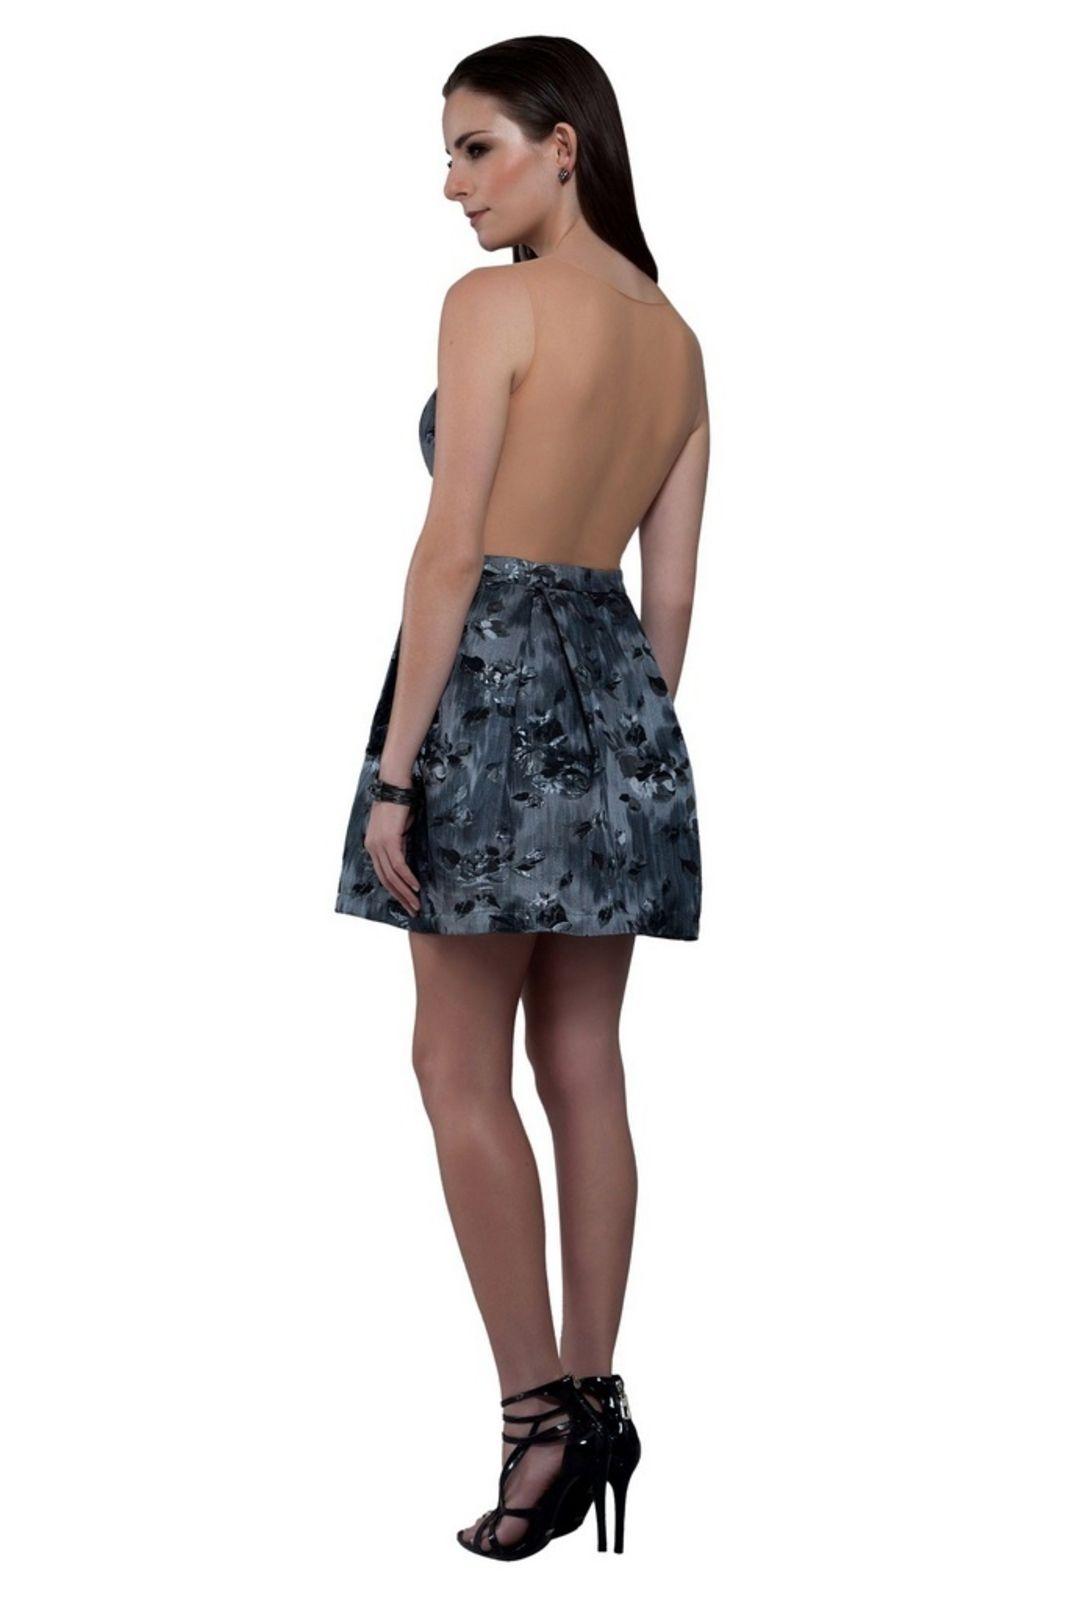 07050f67a Vestido Izad em tafeta brocado com busto bordado Preto | Products ...